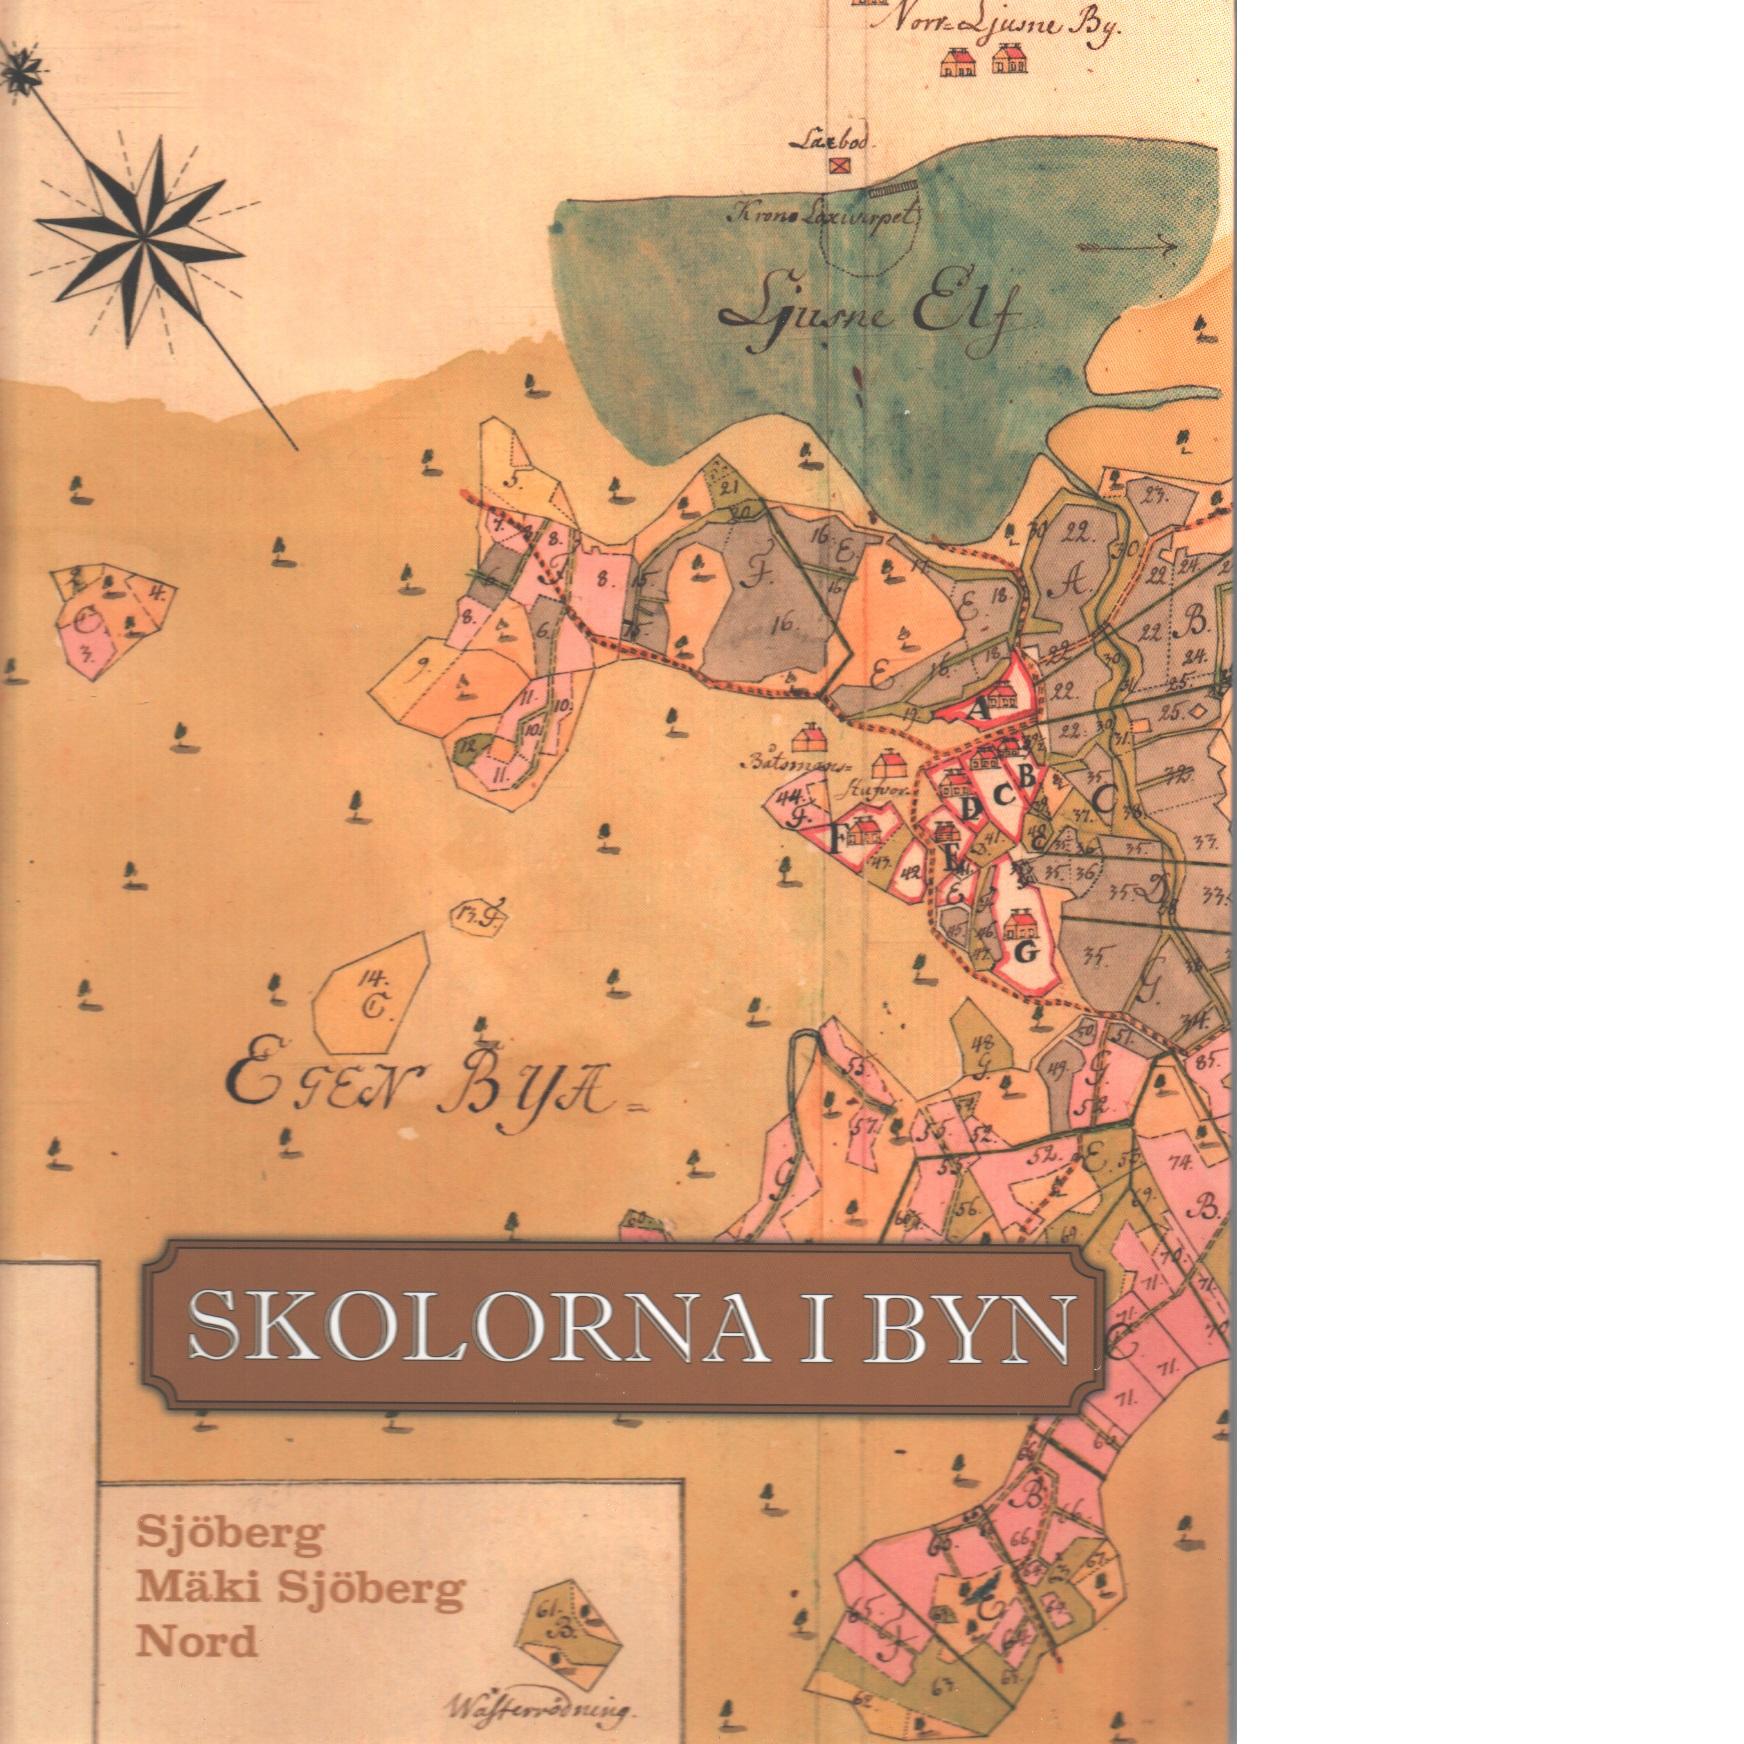 Skolorna i byn : ett historiskt collage om två byskolor i Hälsingland - Red.